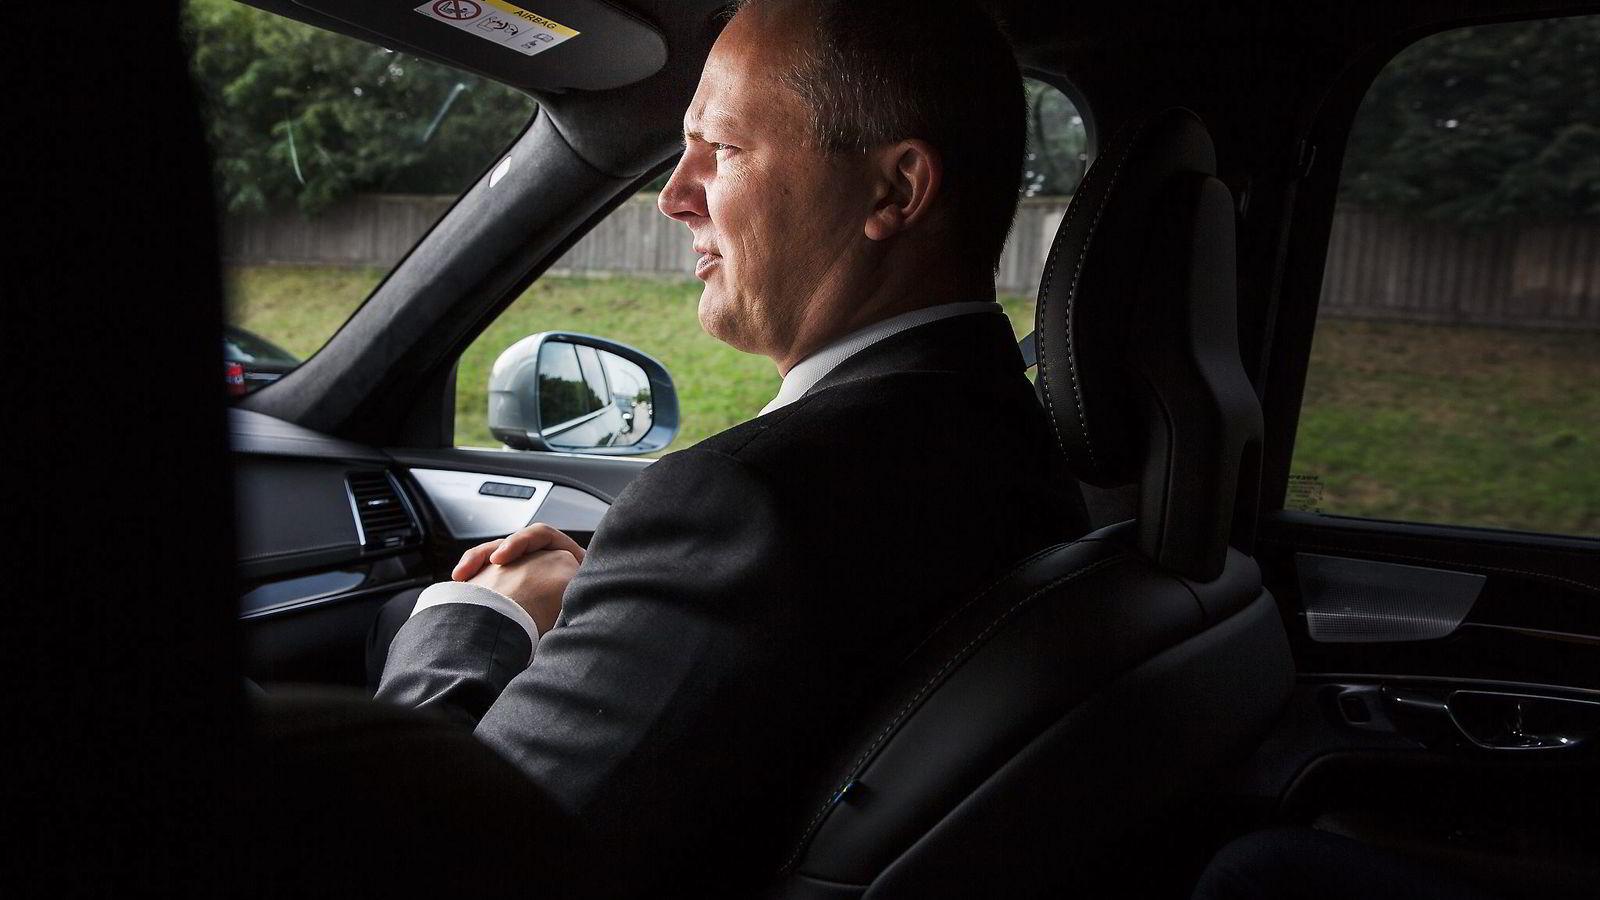 Samferdselsminister Ketil Solvik-Olsen er langt unna valgløftene om kutt i bompengene. Foto: Per Thrana